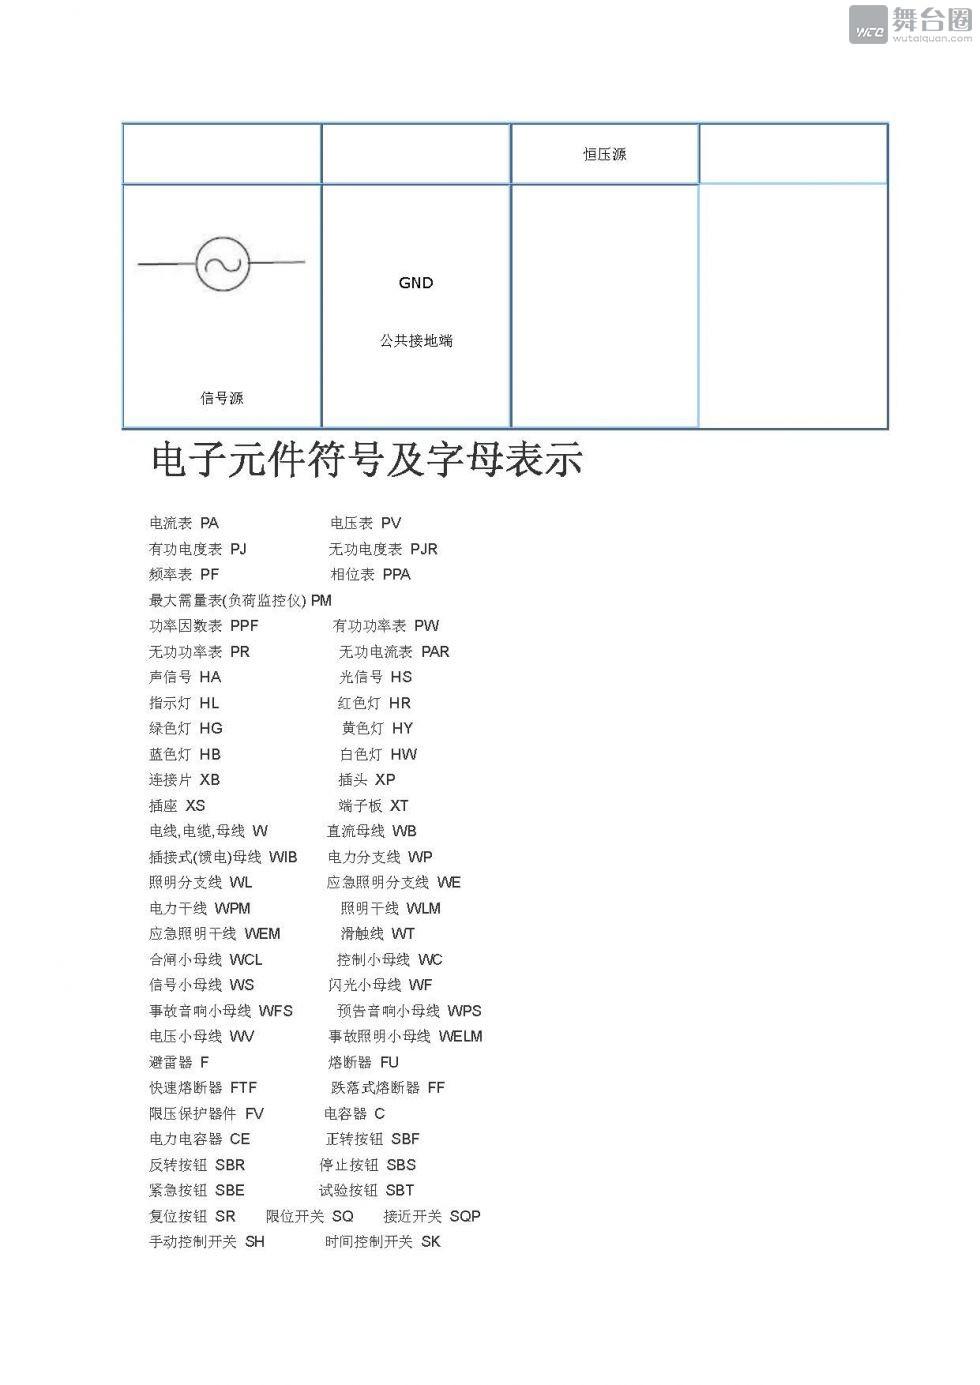 电子元件符号大全_页面_07.jpg